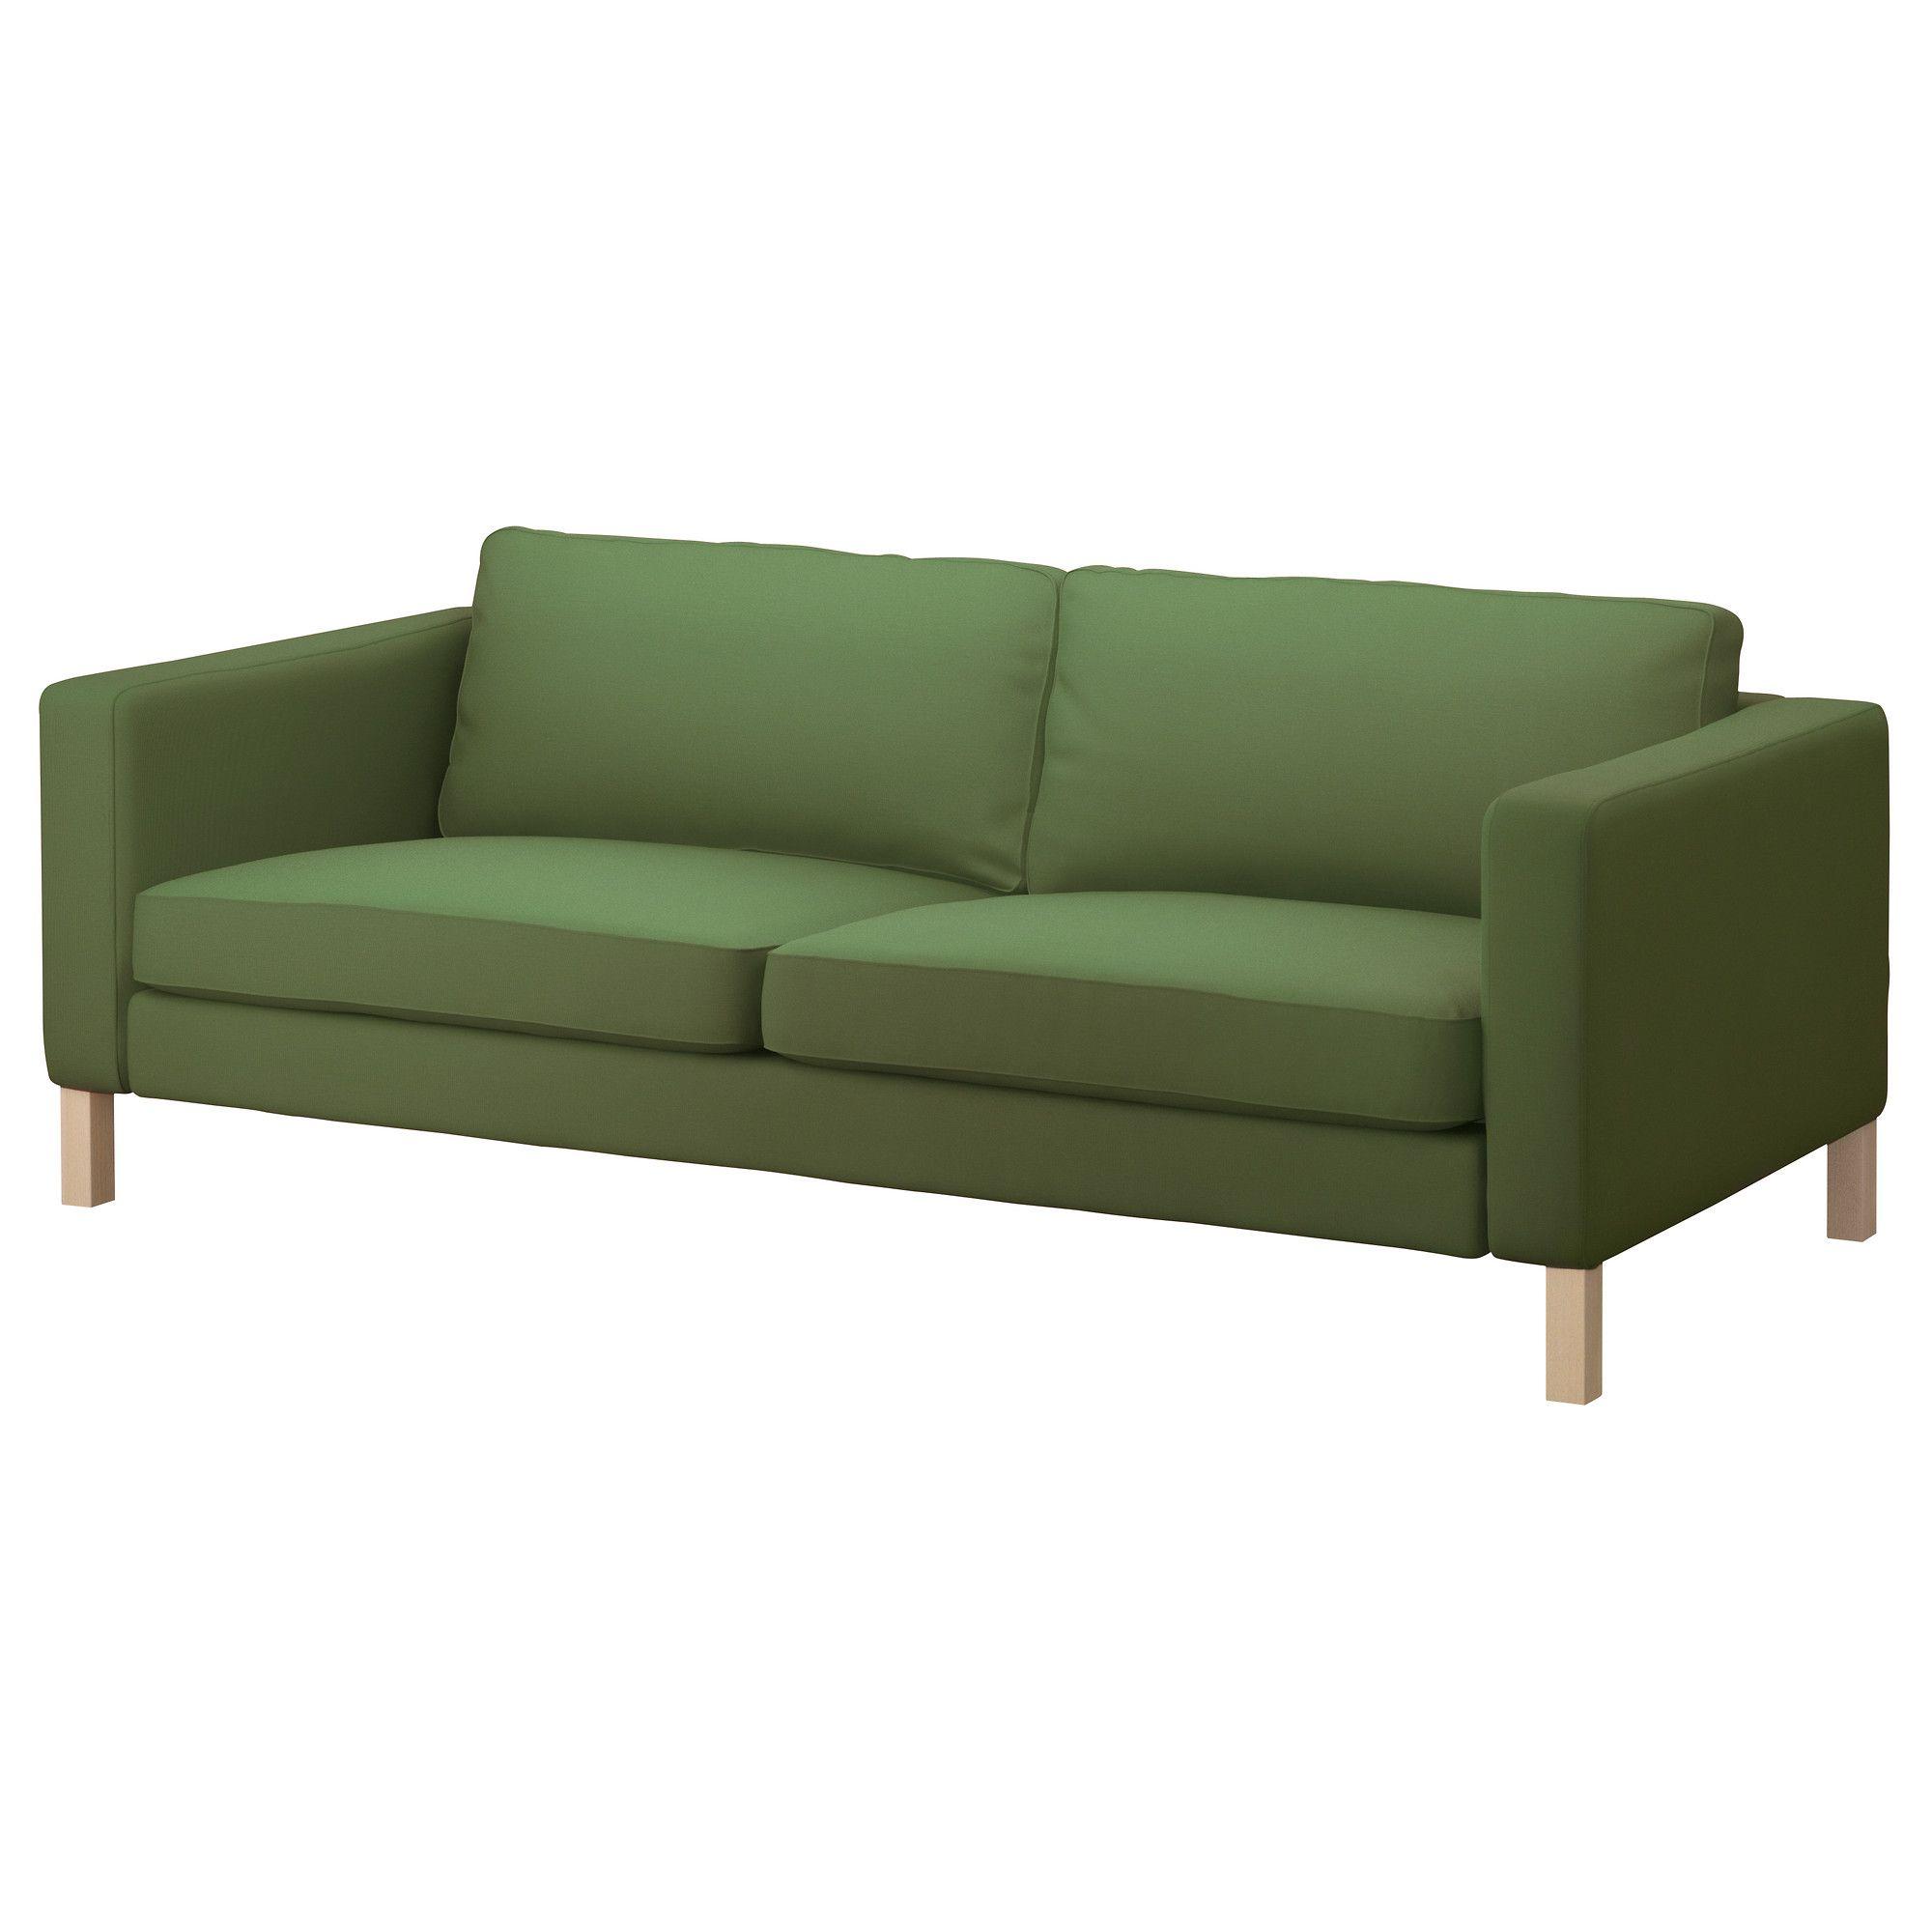 Full Size of Sofa Kaufen Ikea Mbel Einrichtungsideen Fr Dein Zuhause Couch Gnstig Home Affaire Led Kolonialstil Küche Kosten U Form überwurf Hocker Petrol Landhaus Mit Wohnzimmer Sofa Kaufen Ikea